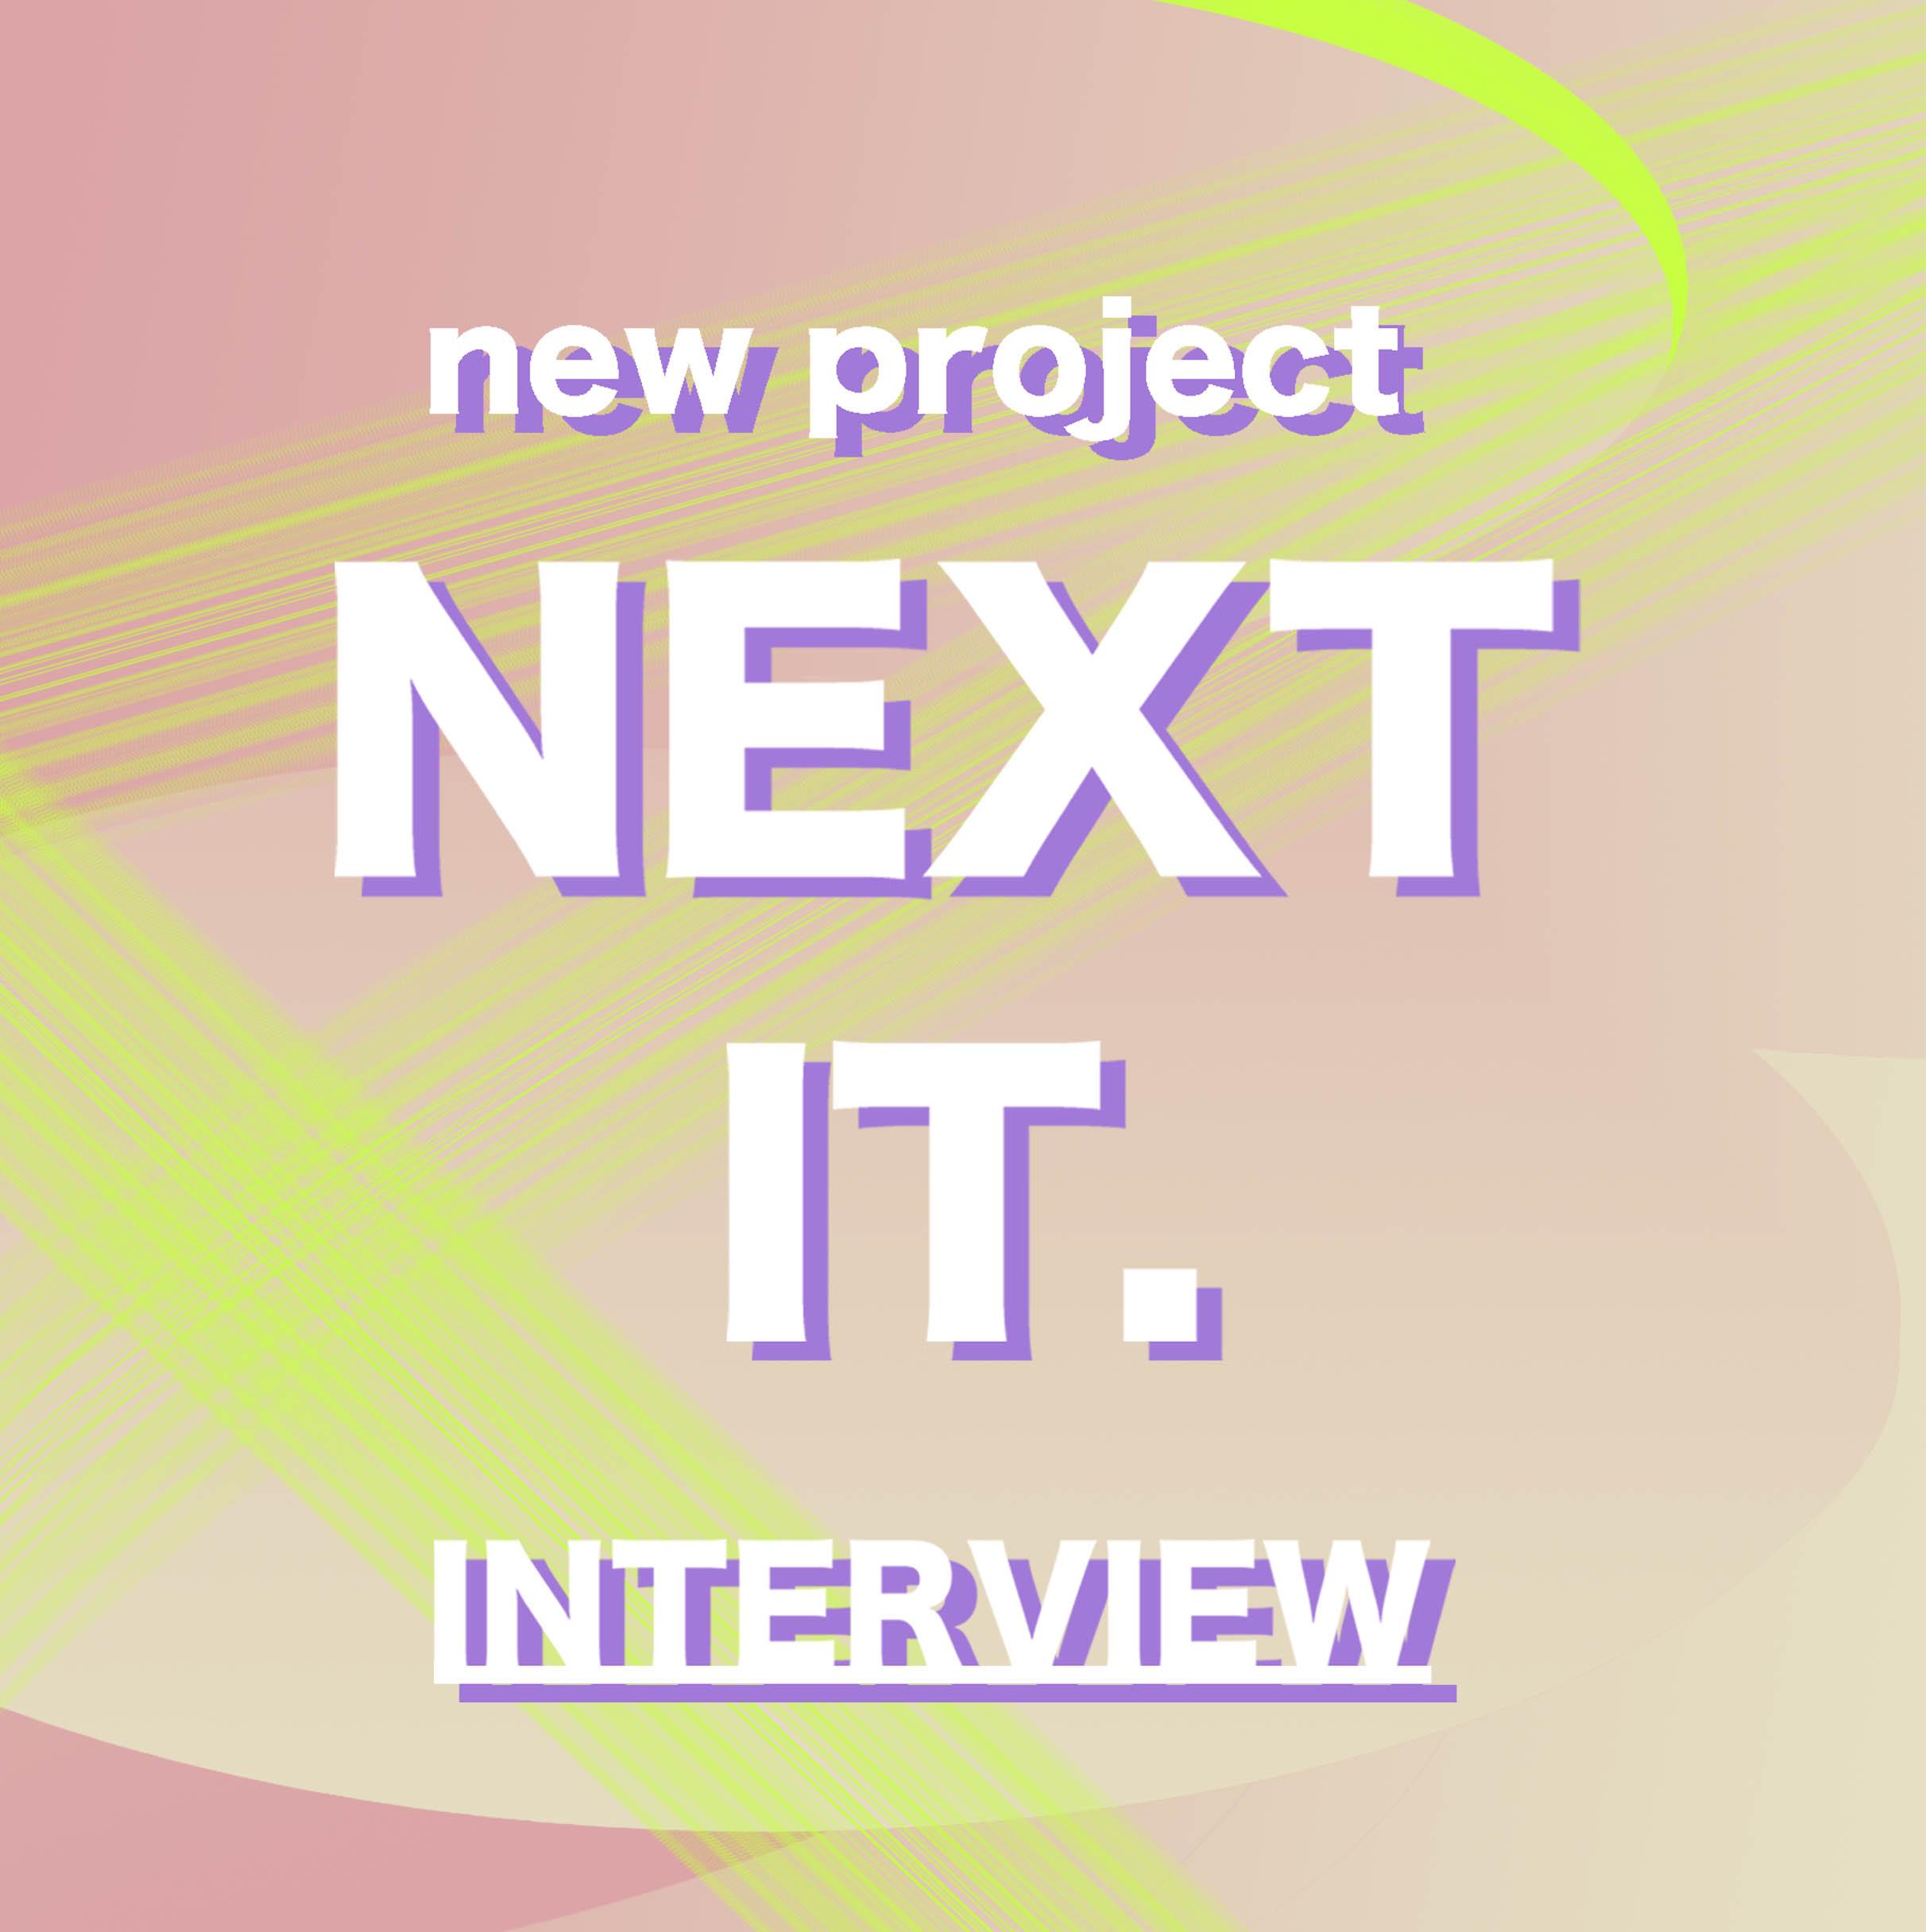 """blogger mariaがNEXT ITな人物にインタビューする""""NEXT IT interview""""企画が2月からスタート★プロローグ@it_s_you_"""